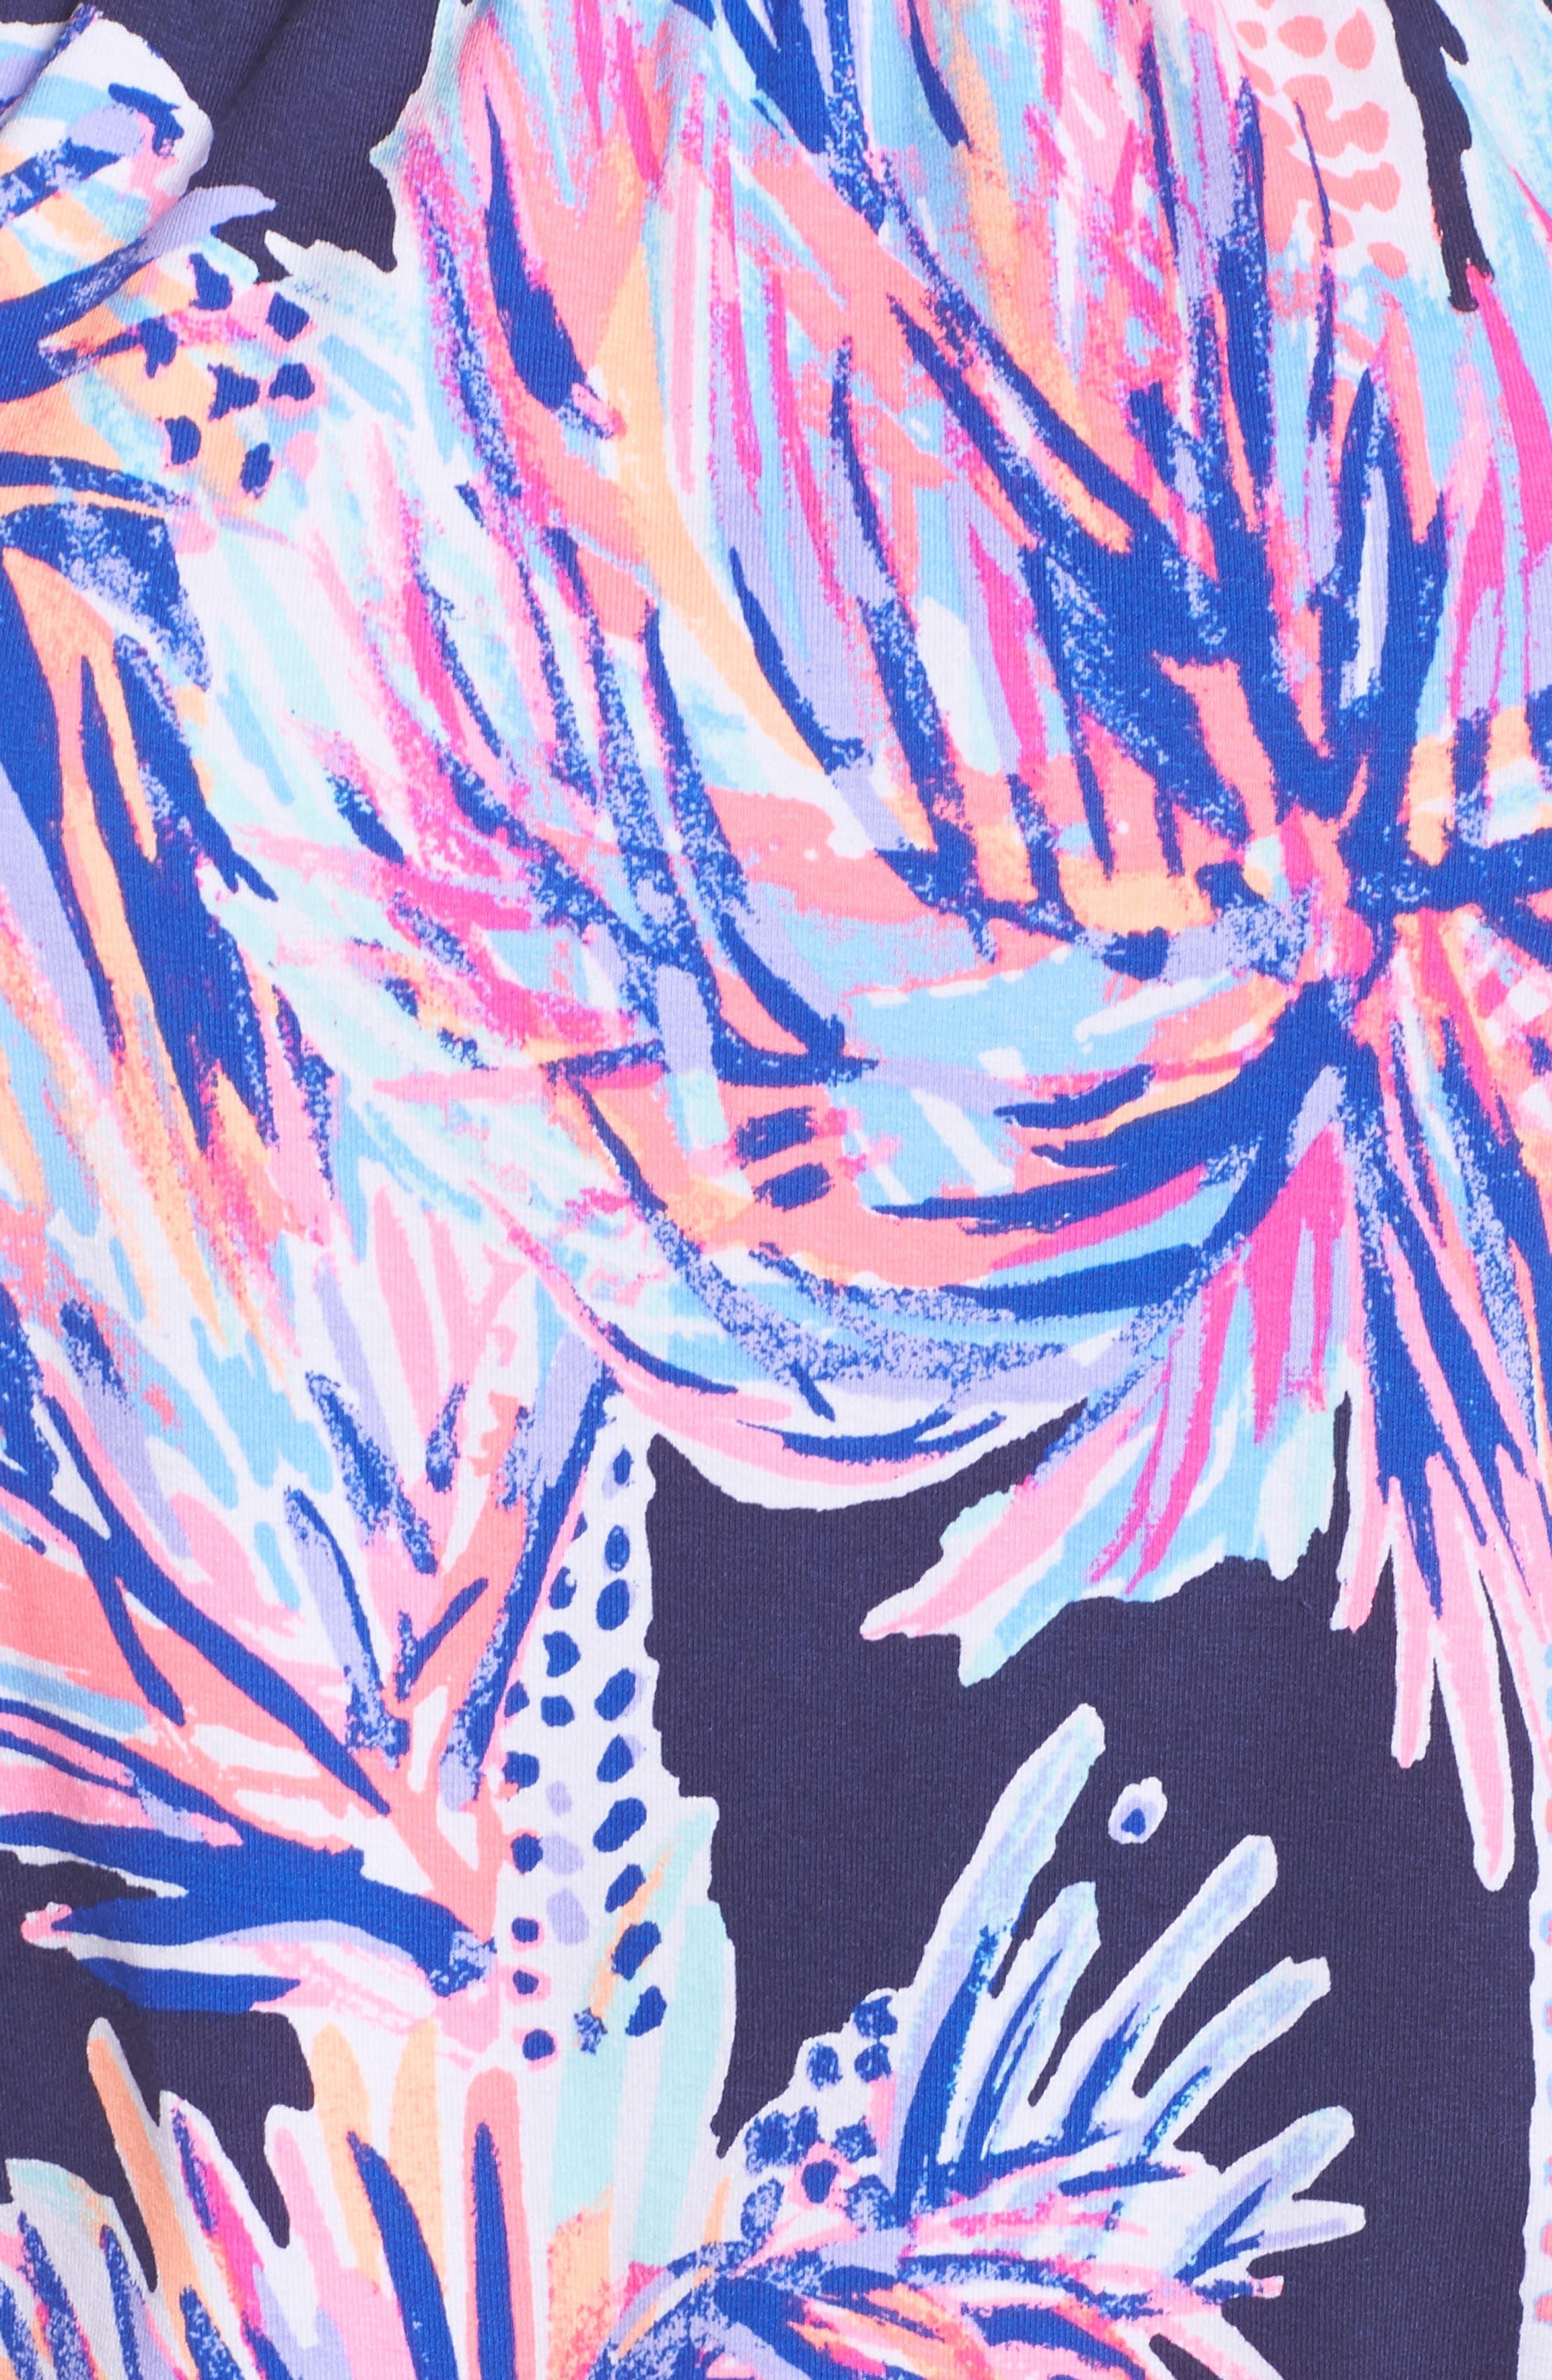 Lana Off the Shoulder Romper,                             Alternate thumbnail 5, color,